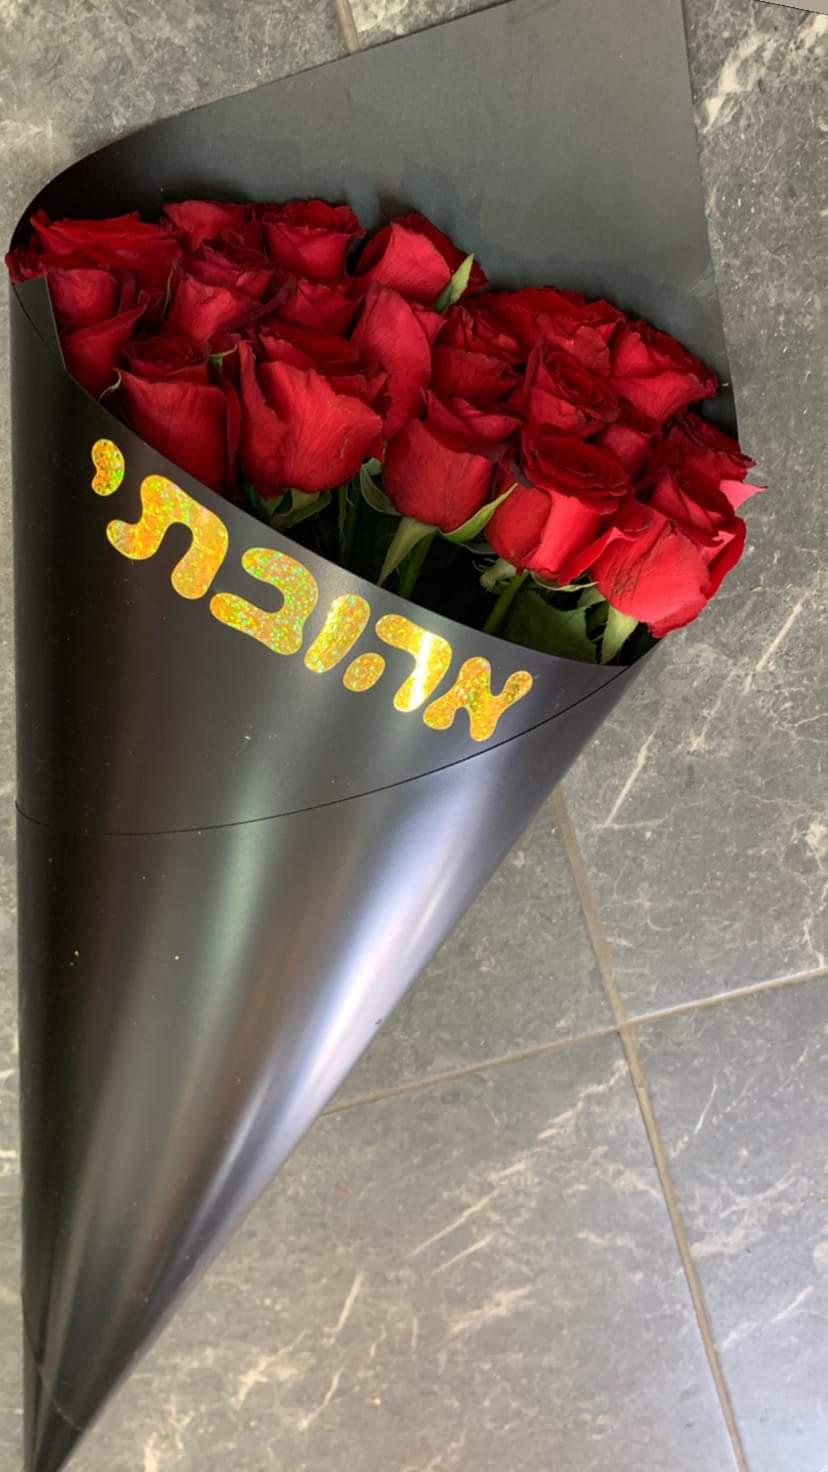 קונוס ורדים - פרח באהבה - אילת